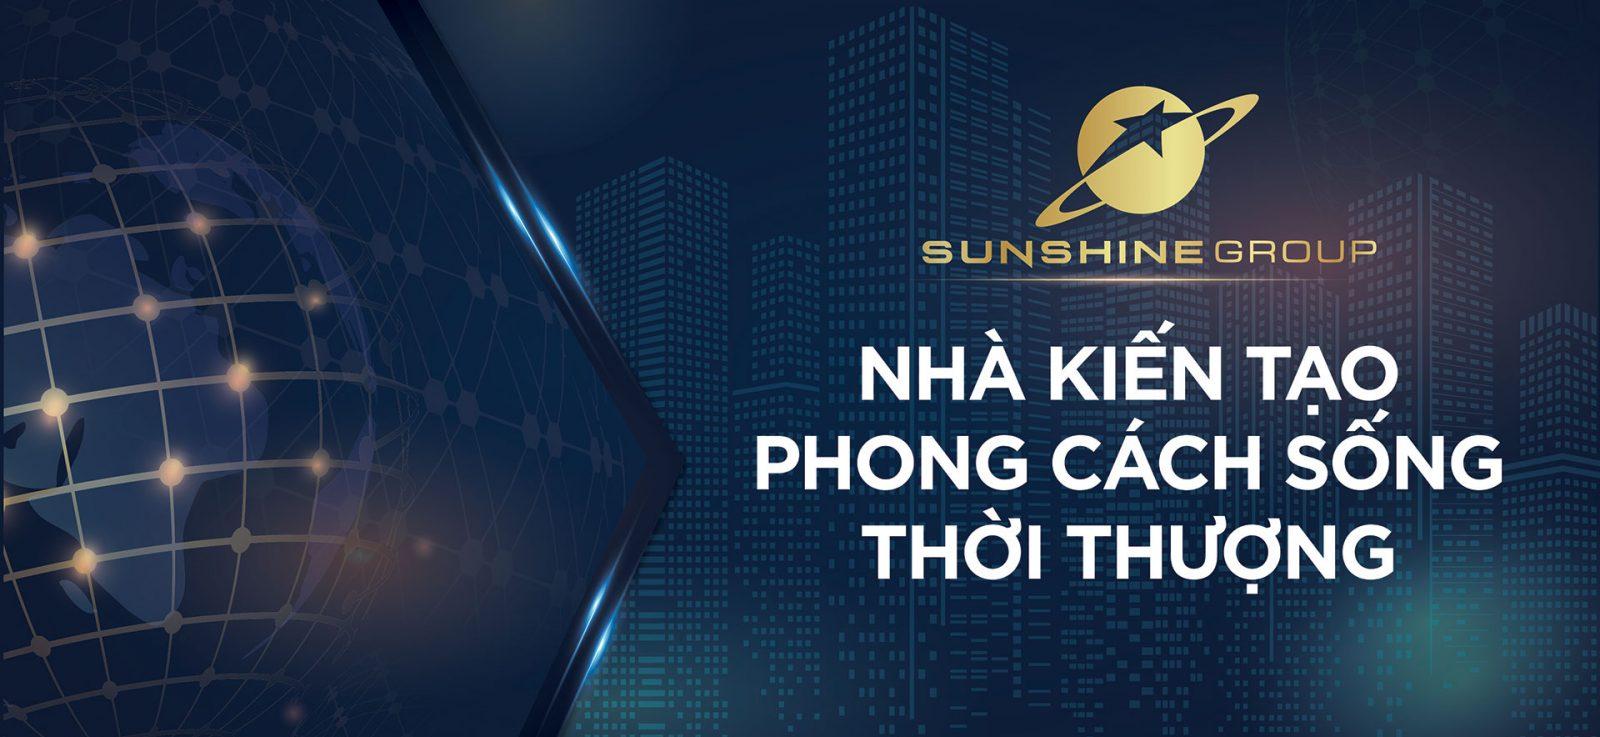 Tất tần tật về chủ đầu tư Sunshine Group